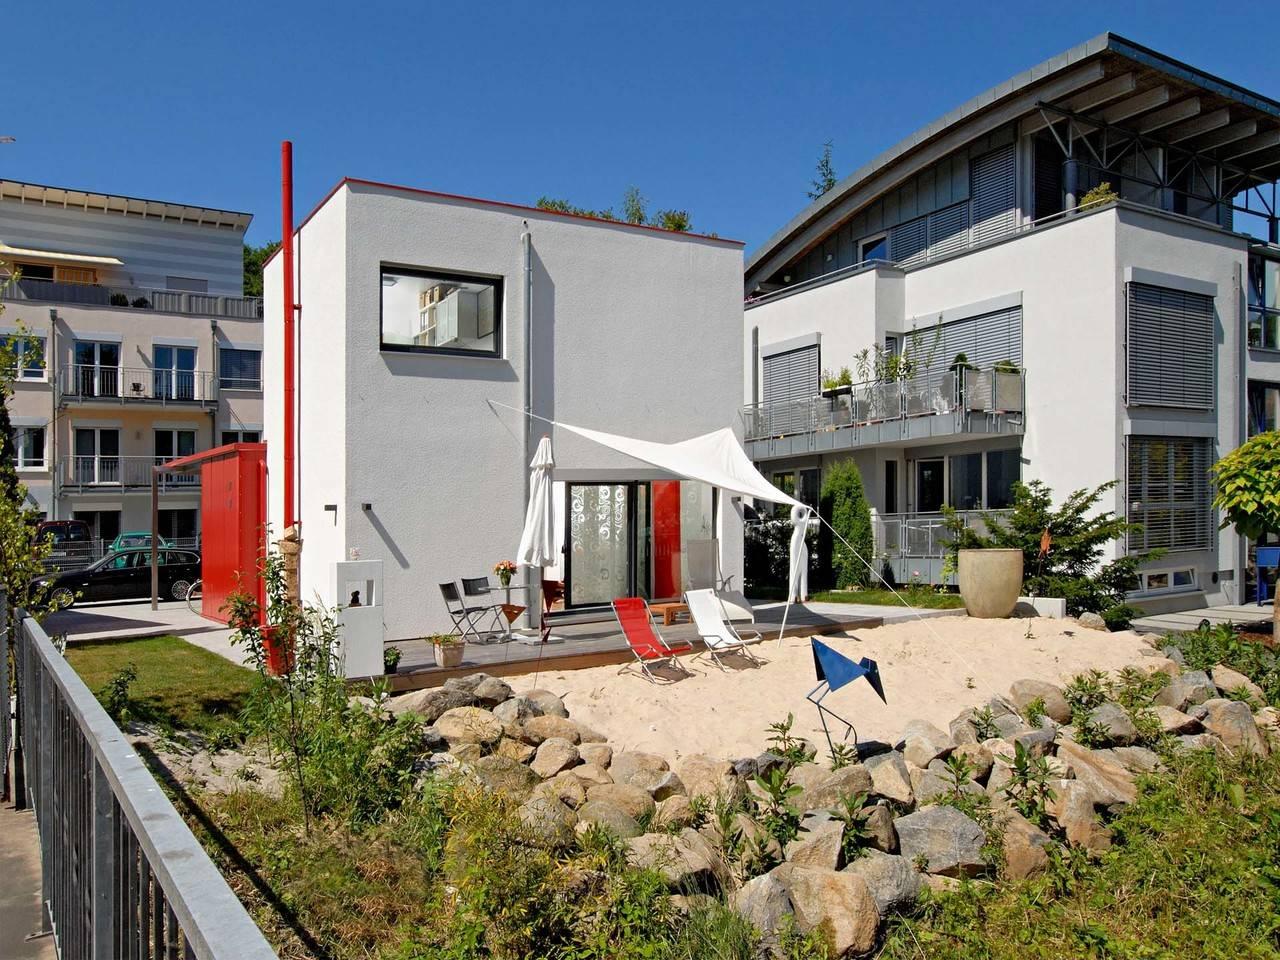 Haus Dorstewitz Fertighaus Weiss Gartenansicht